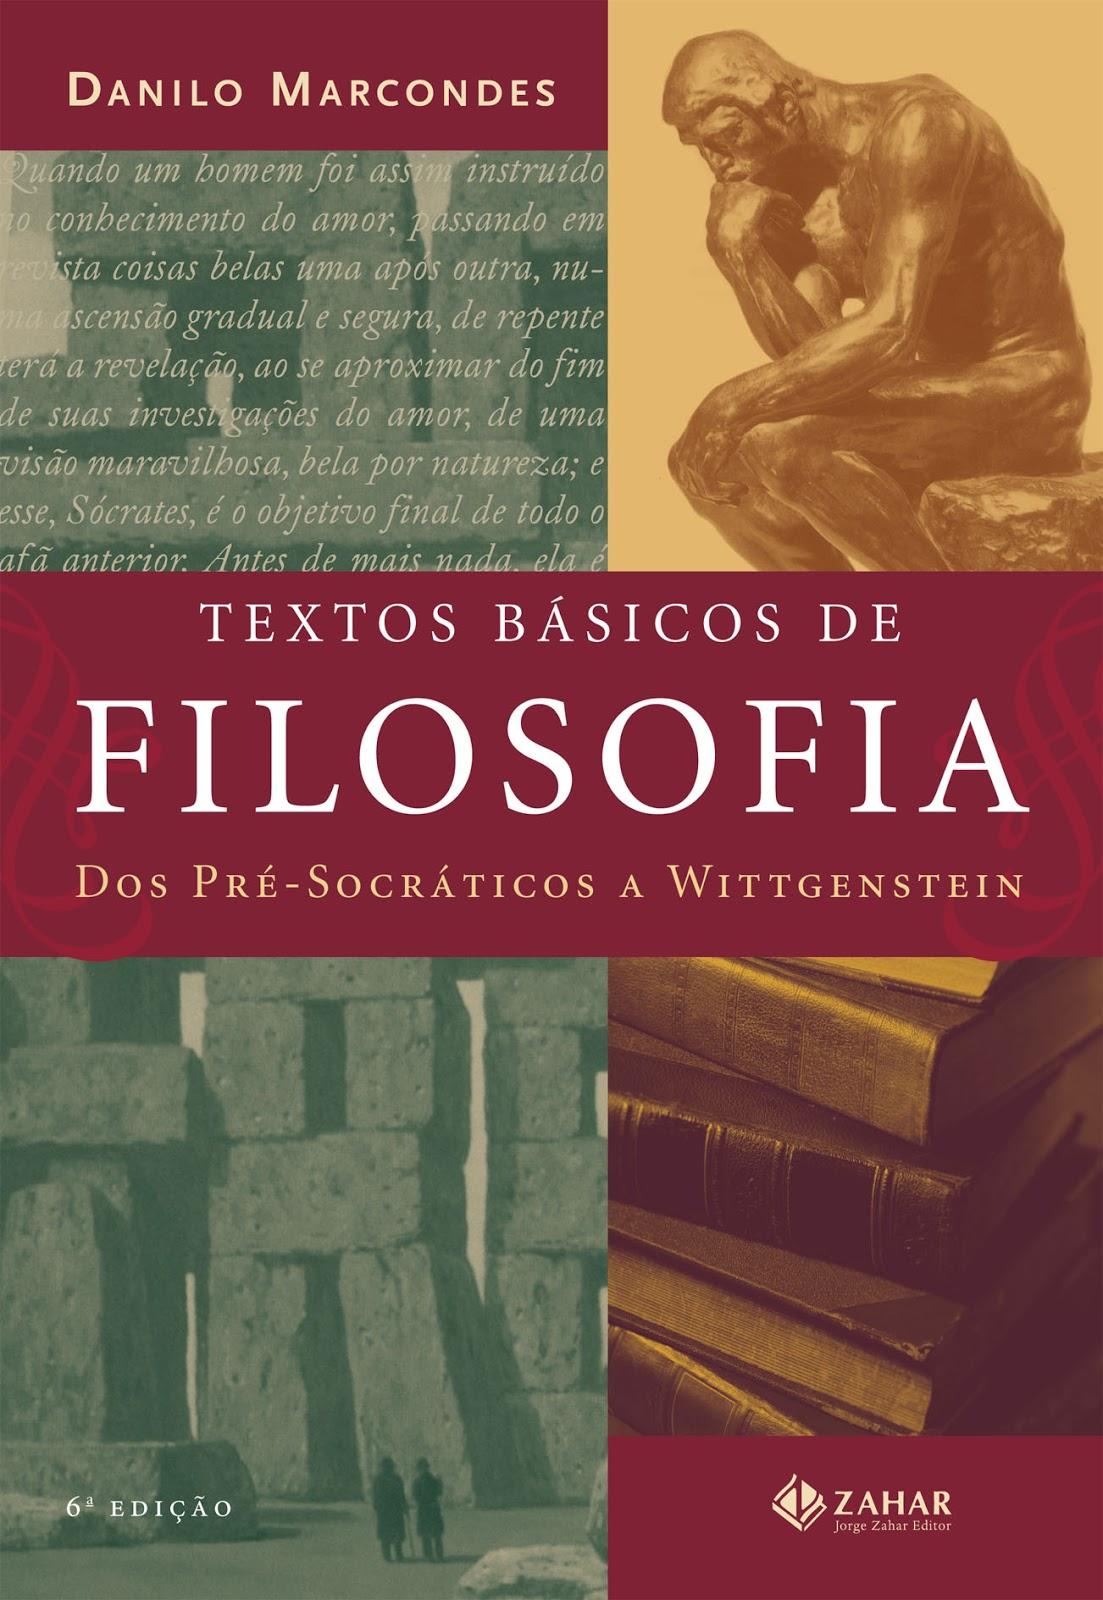 Blog . André Varga: Textos Básicos de Filosofia - Danilo